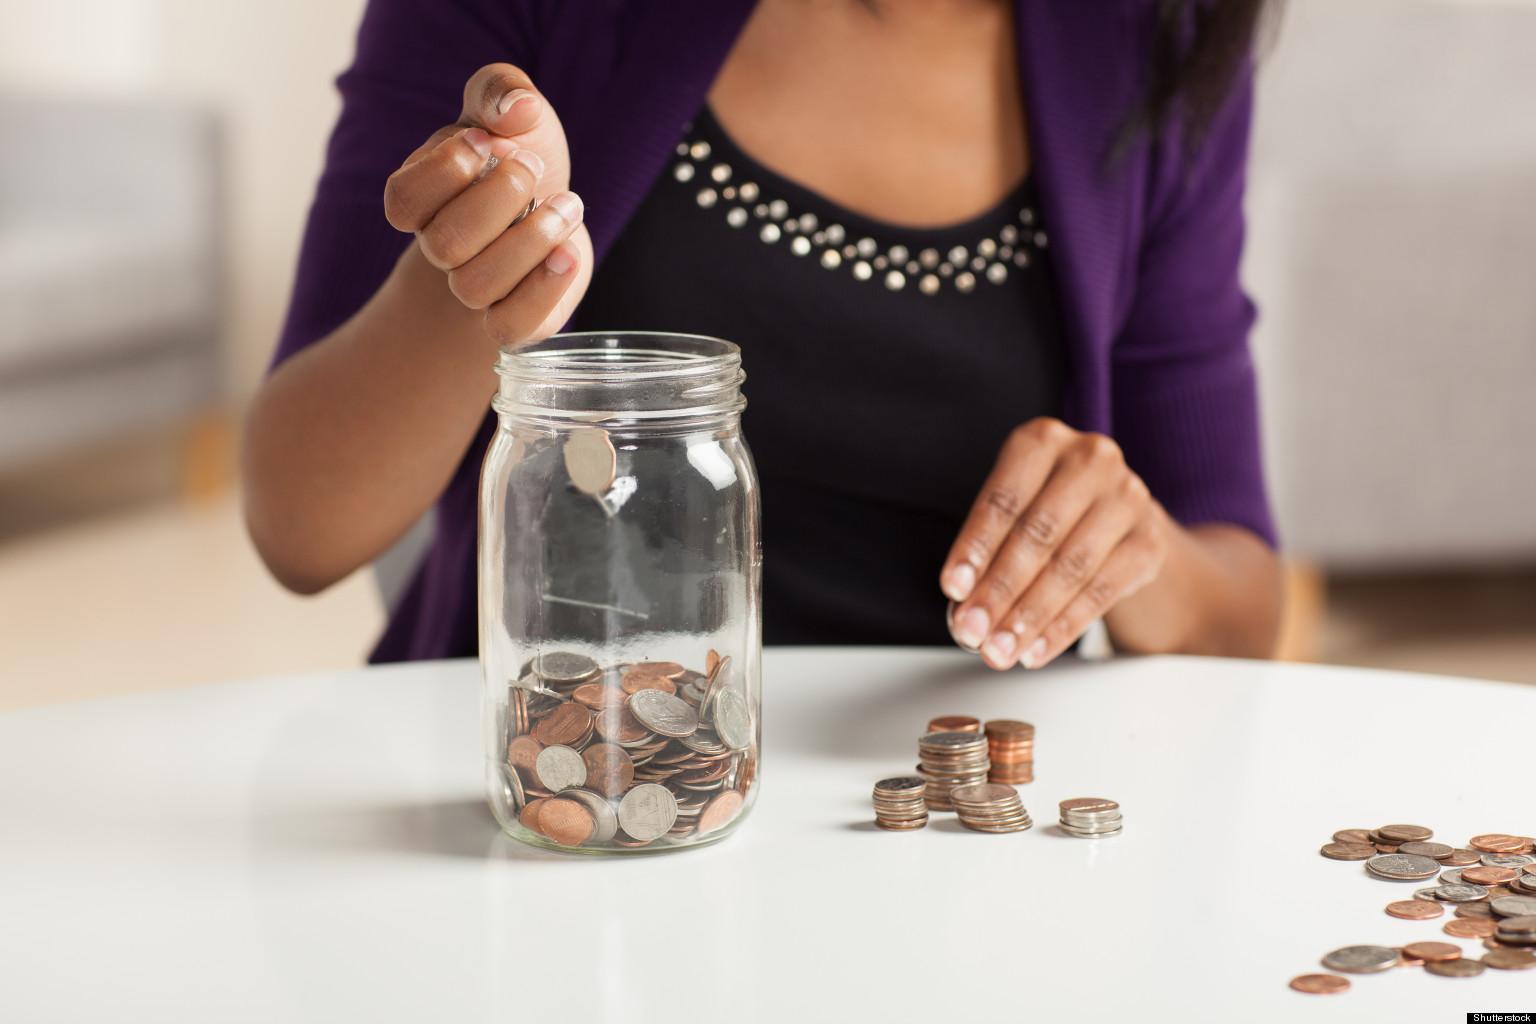 o-FINANCIAL-LITERACY-FOR-WOMEN-facebook